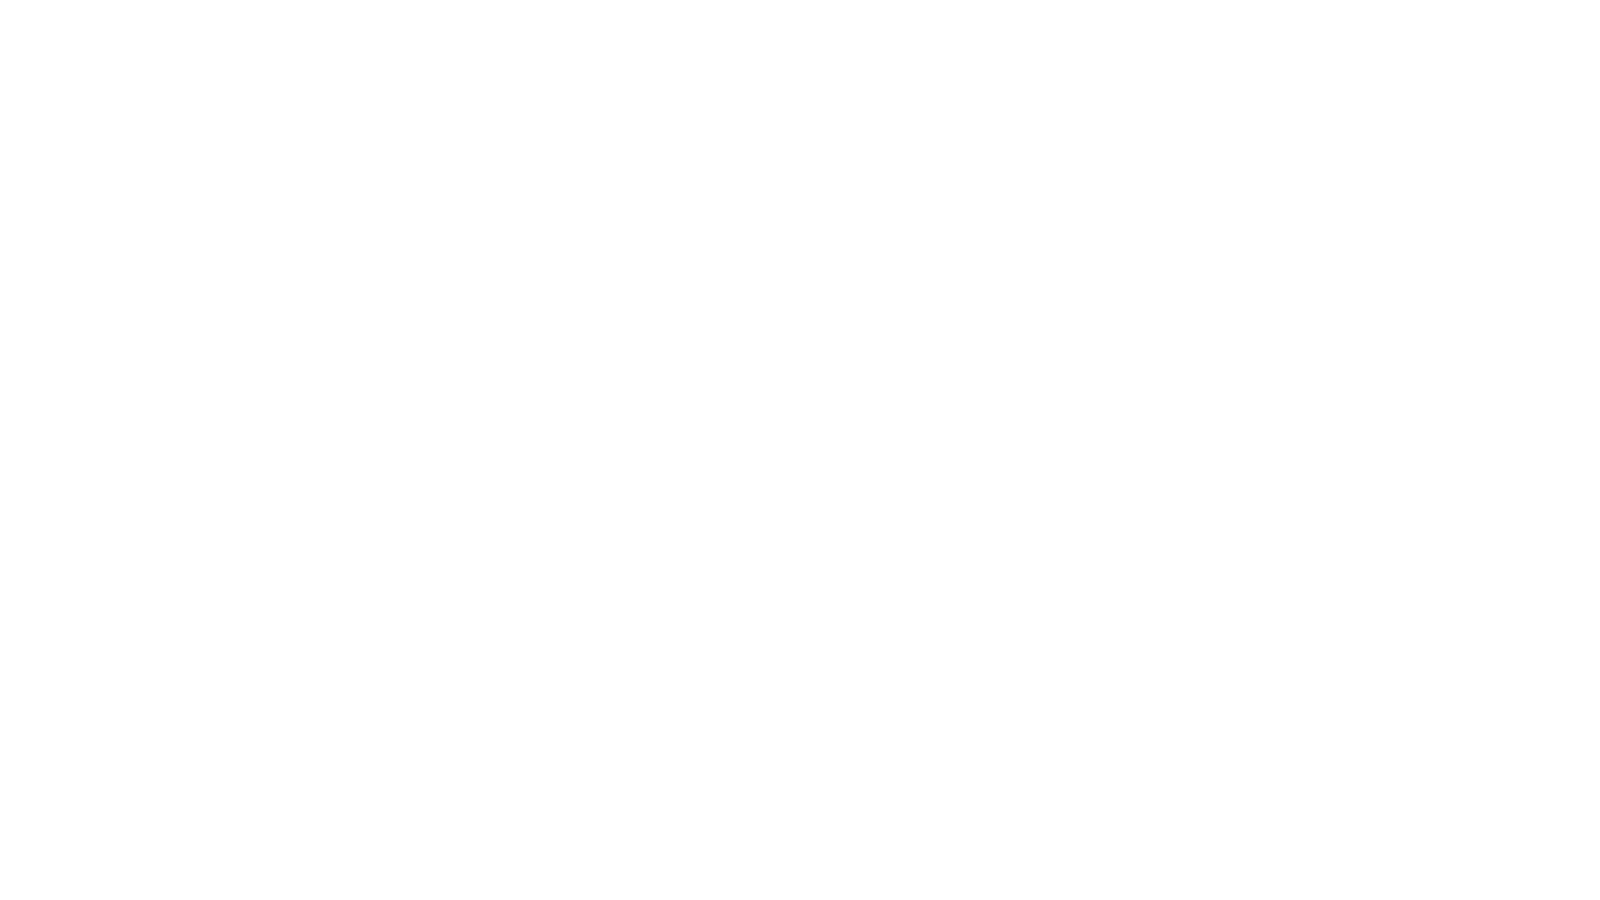 JOSÉ MARÍA GONZÁLEZ, SERÁ EL NUEVO DIRECTOR DE LA BANDA DE MÚSICA DE LA AGRUPACIÓN MUSICAL DE GUARDAMAR DEL SEGURA. La Junta Directiva de la Agrupación Musical de Guardamar ha nombrado a D. José María González Olivares como nuevo director de su Banda de Música, tras un proceso de selección con más de 60 candidatos.  Si quieres leer más sobre esta noticia, http://amguardamar.es/2021/04/20/jose-maria-gonzalez-sera-el-nuevo-director-de-la-banda-de-musica/  Grabación y montaje del vídeo: Ramón Sánchez